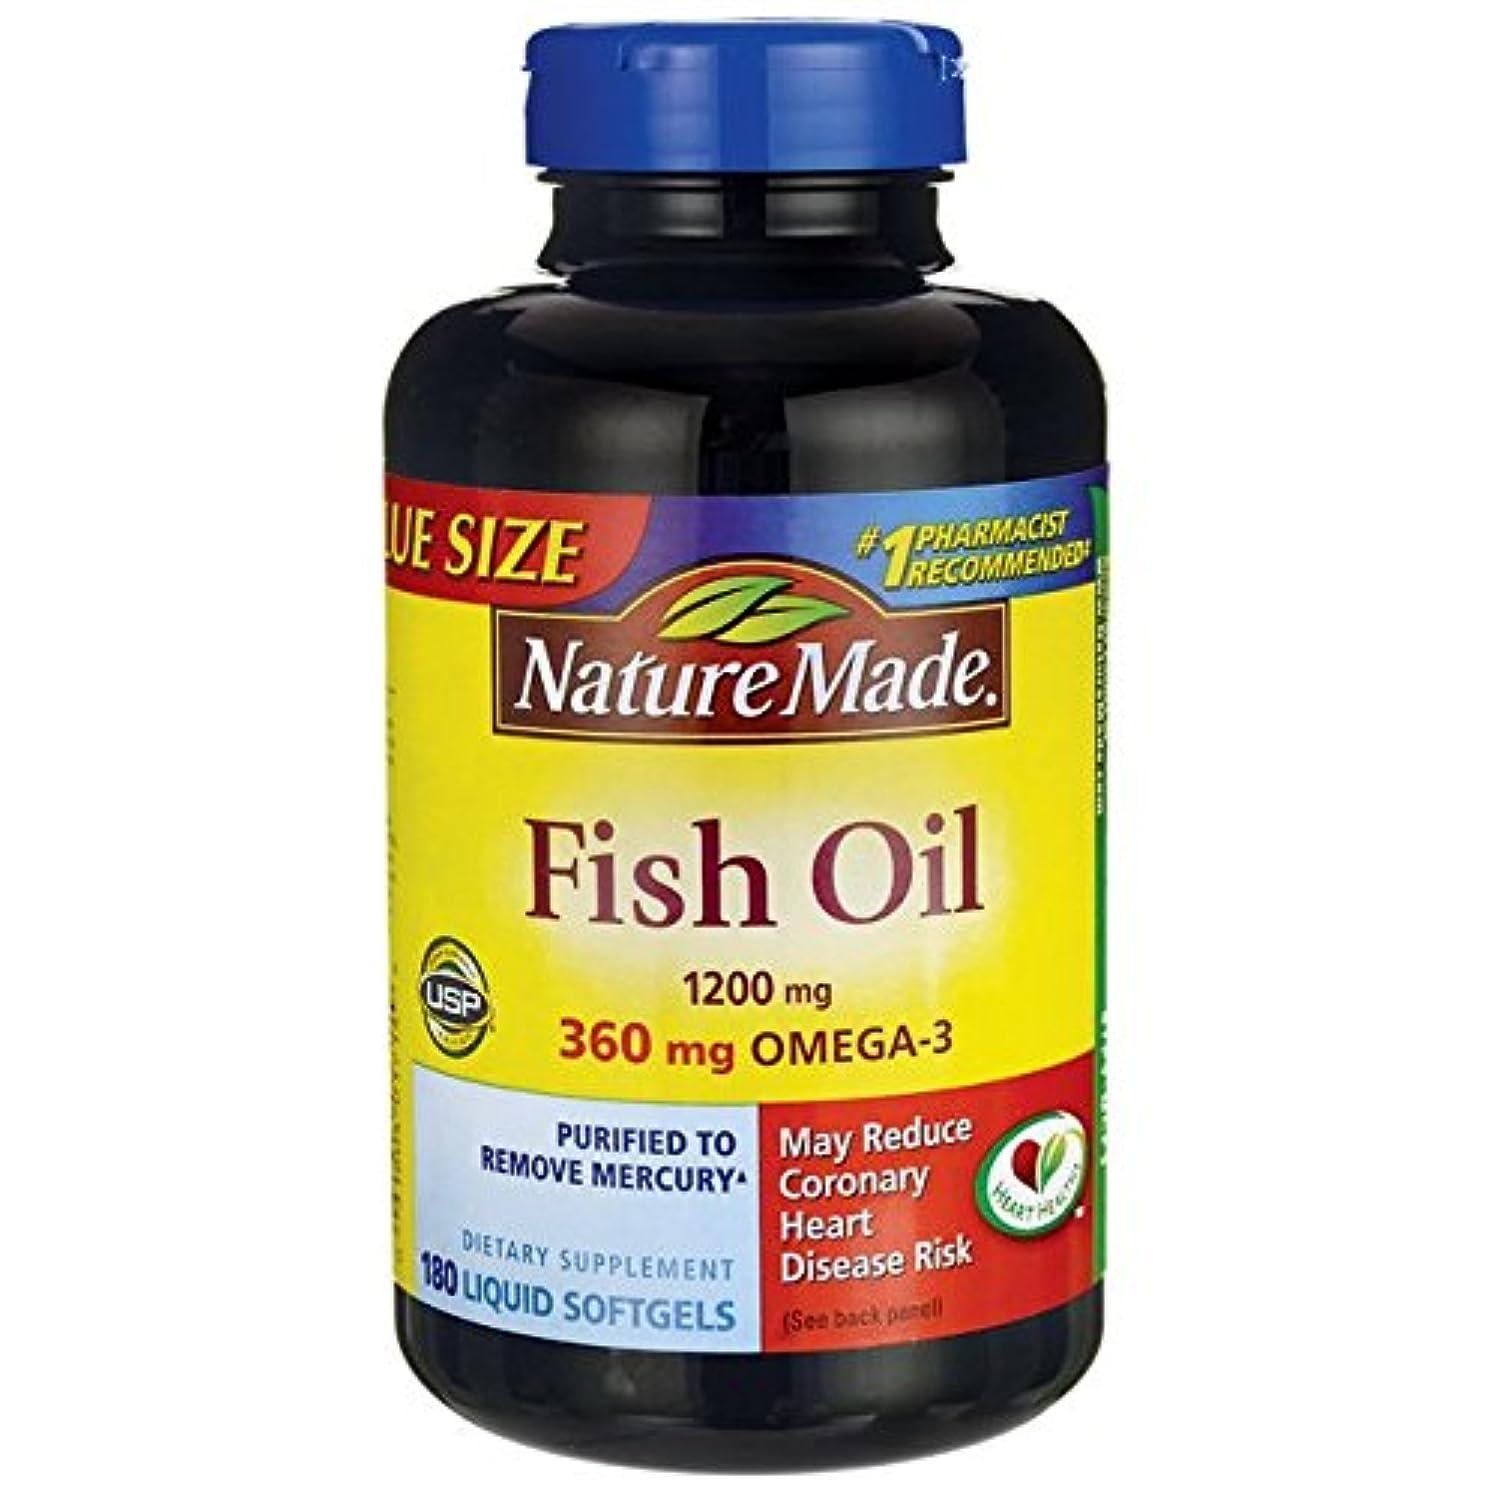 説得段階第三Nature Made Fish Oil Omega-3 1200mg, (180 Liquid Soft Gels) by Nature Made